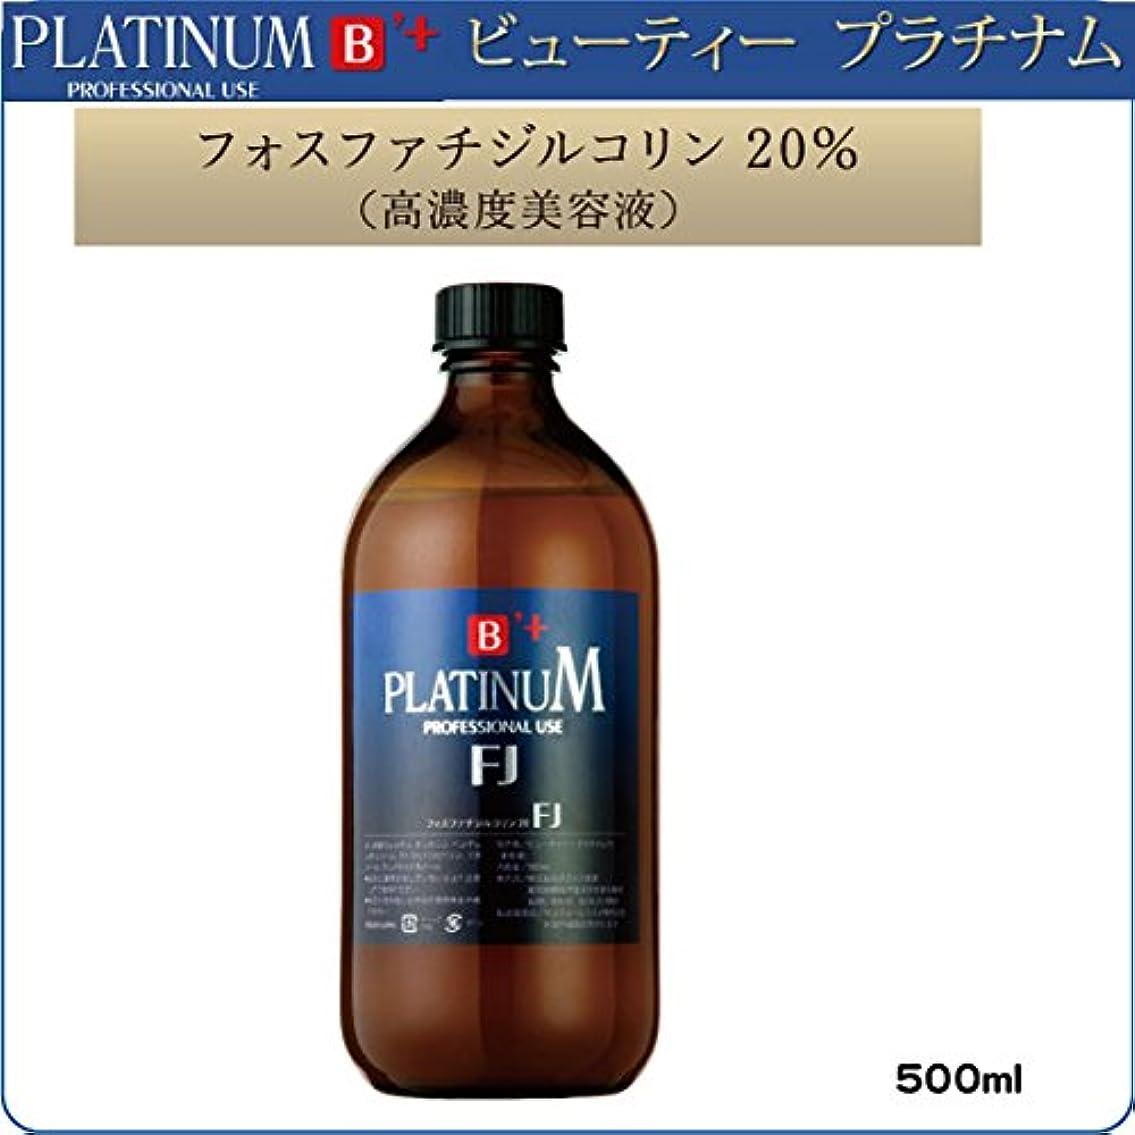 """豊かにする周囲たくさんの【ビューティー プラチナム】 PLATINUM B'+ """"フォスファチジルコリン20%高濃度美容液"""" 痩身専用:500ml"""